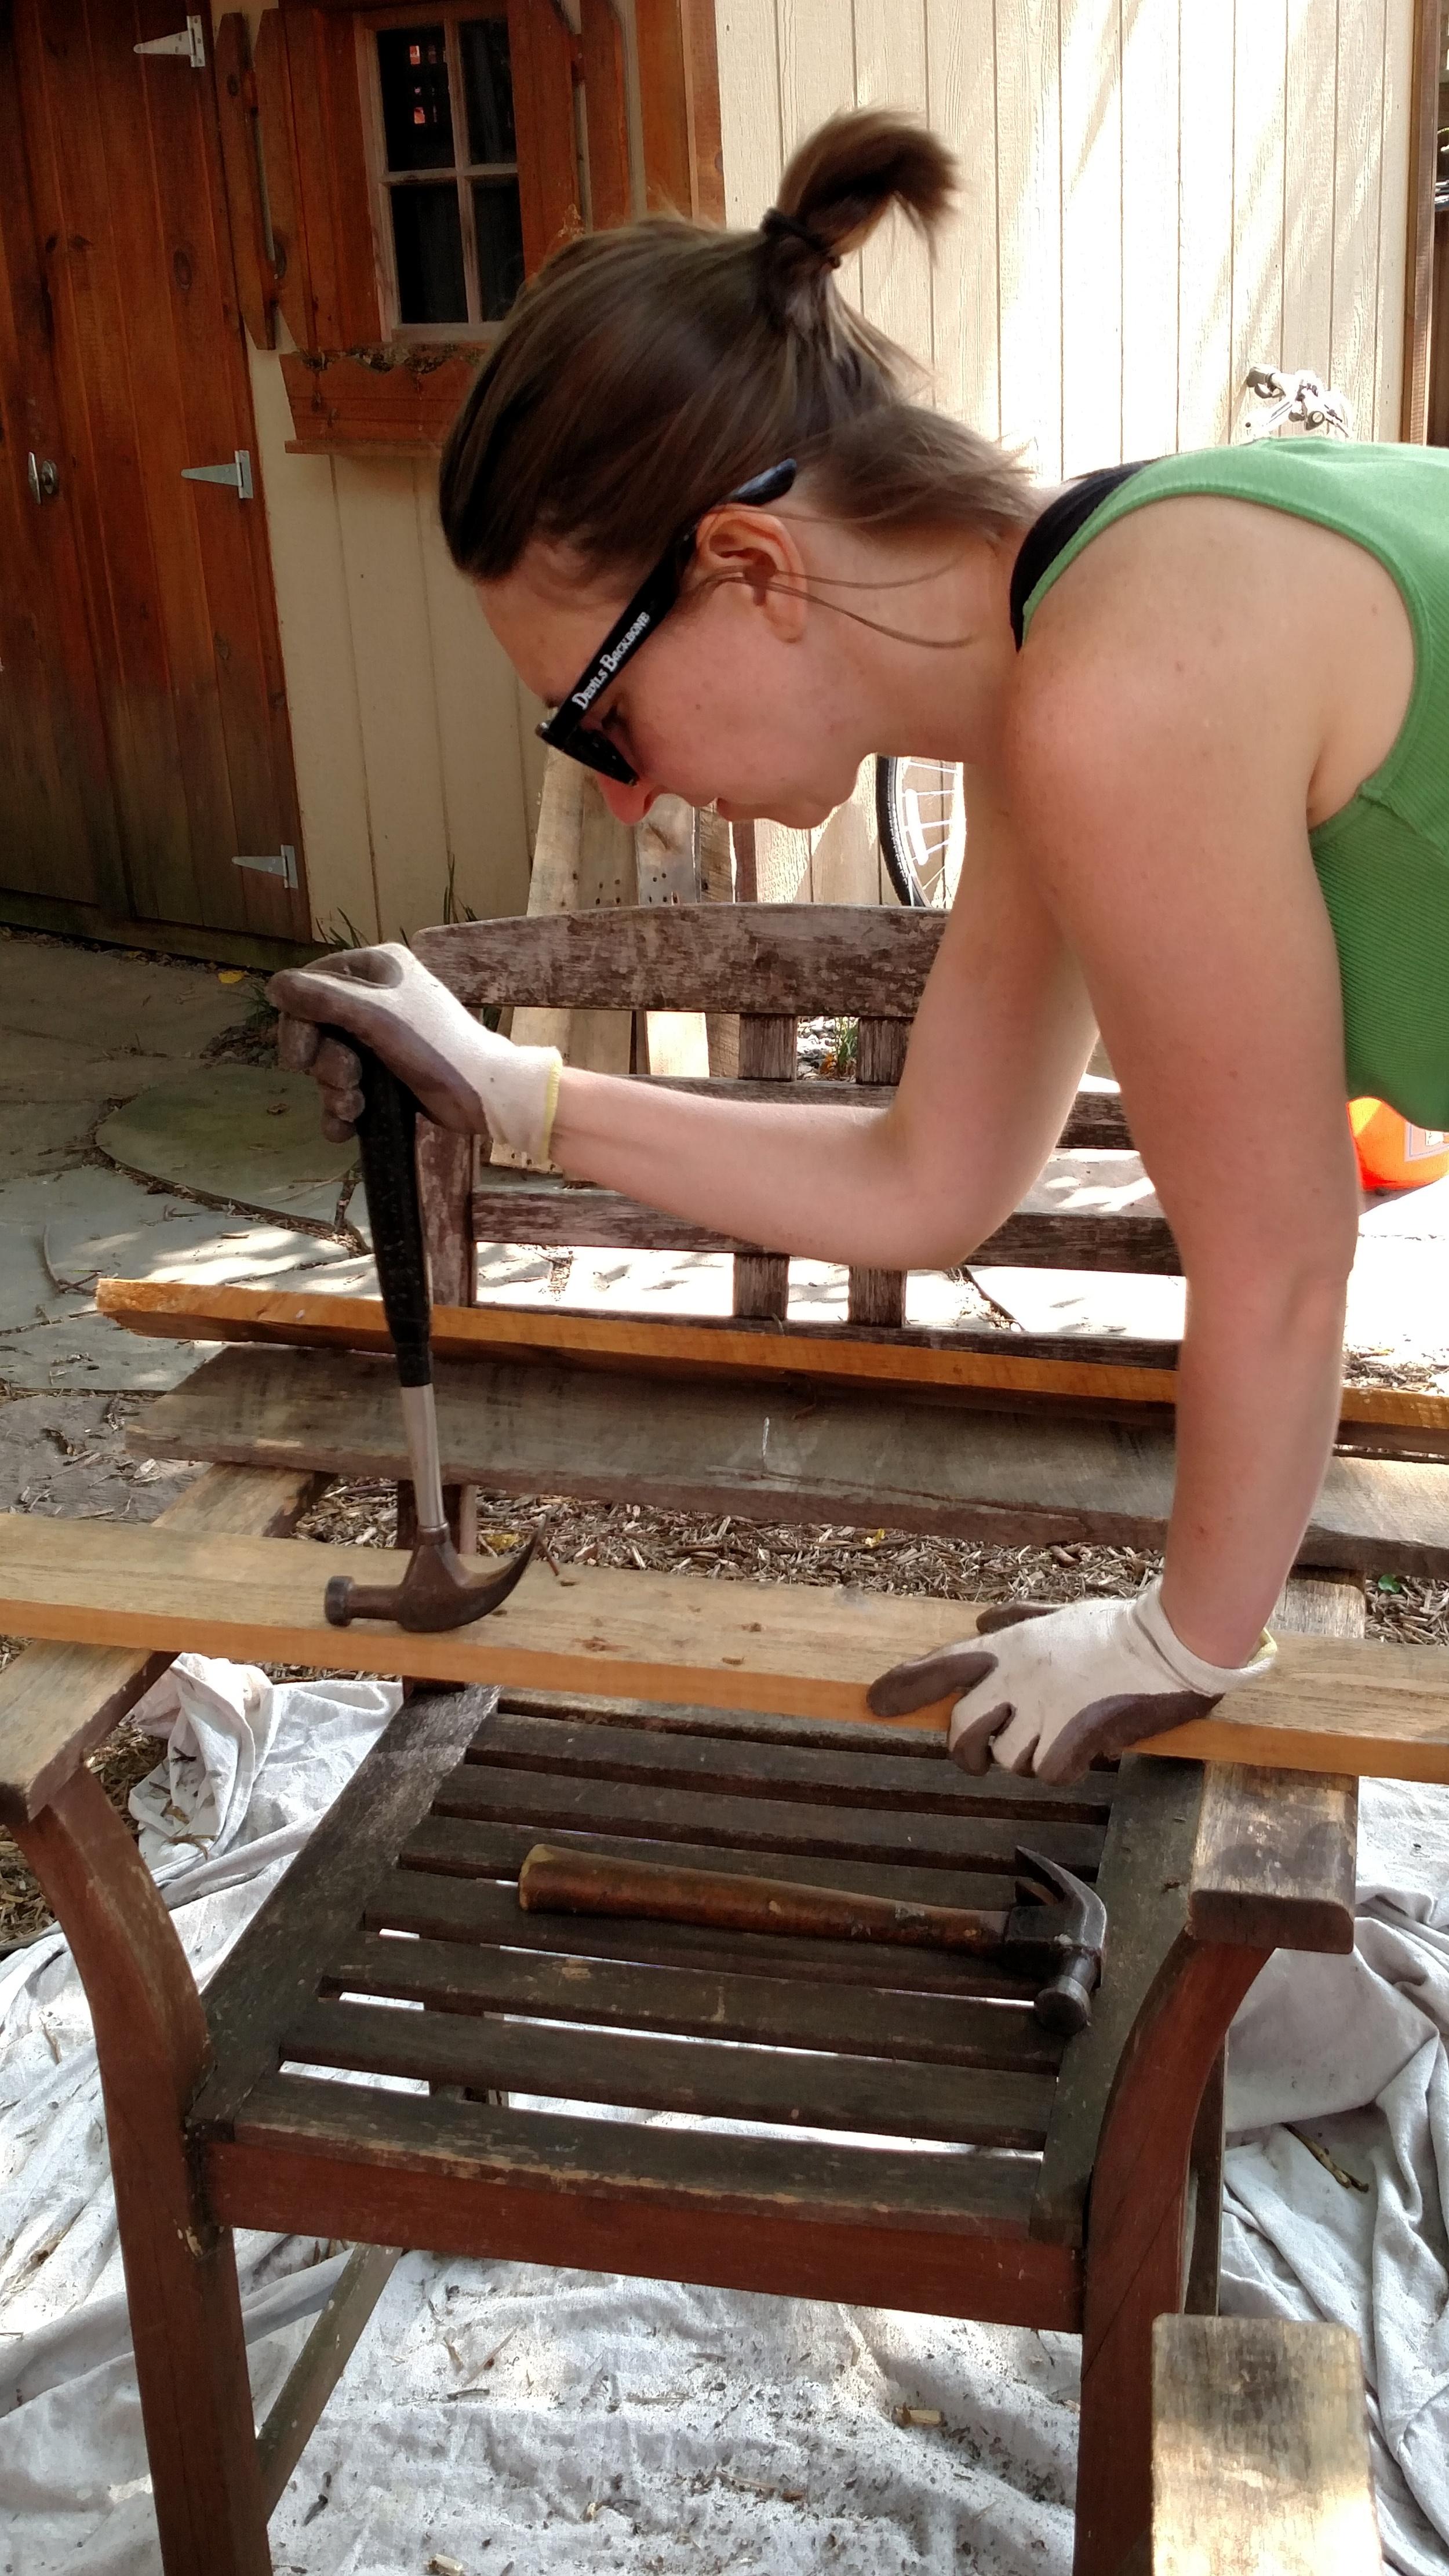 De-nailing pallet wood